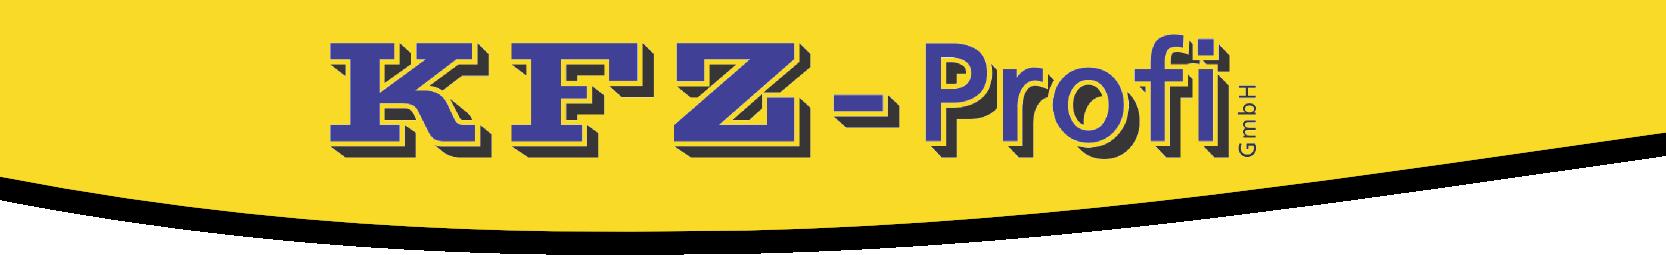 KFZPROFI-Erbach Logo